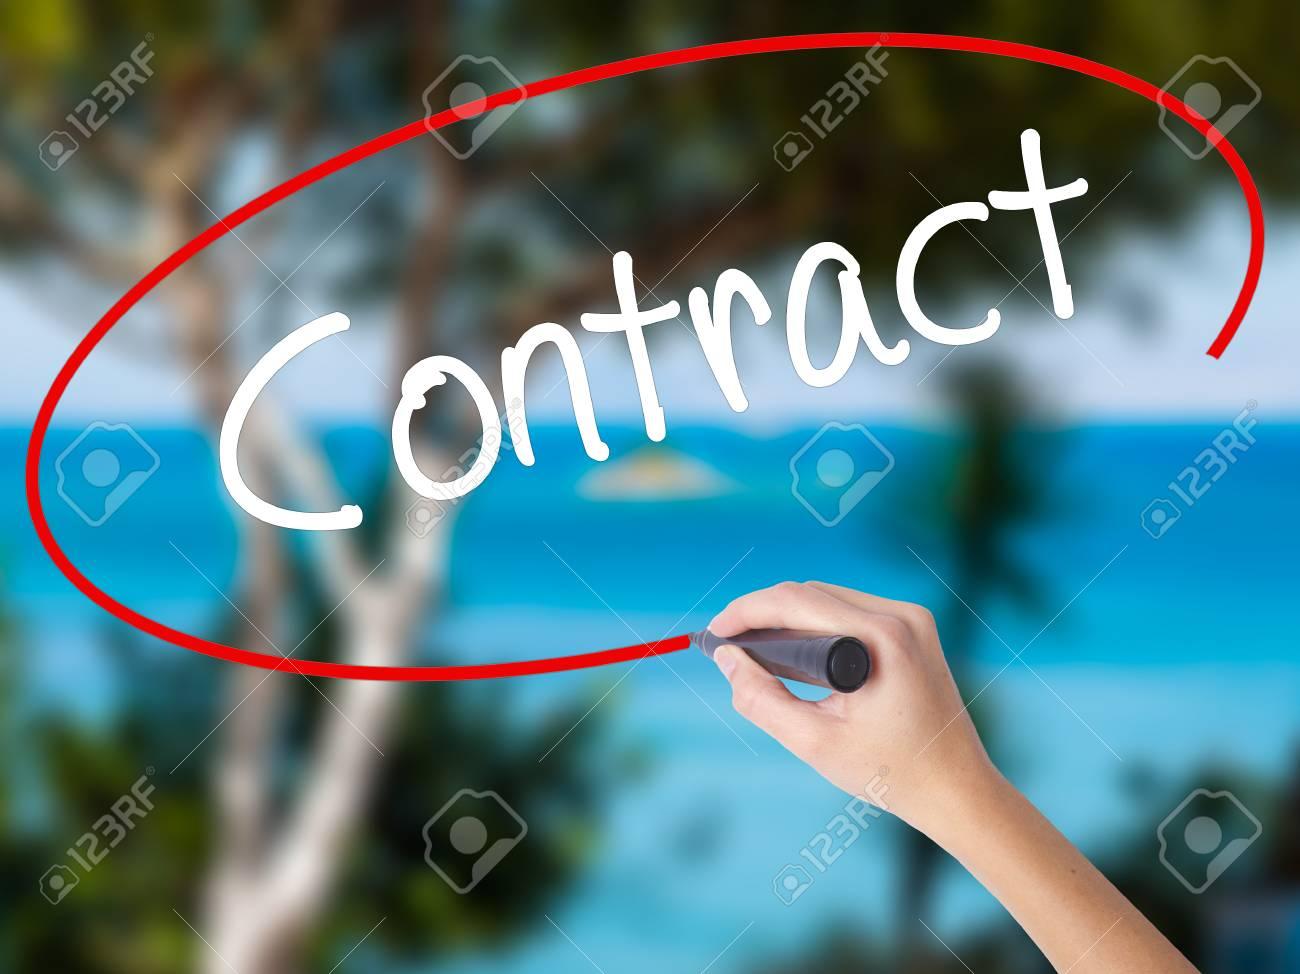 Frau Hand Schreiben Vertrag Mit Schwarzen Markierung Am Bildschirm